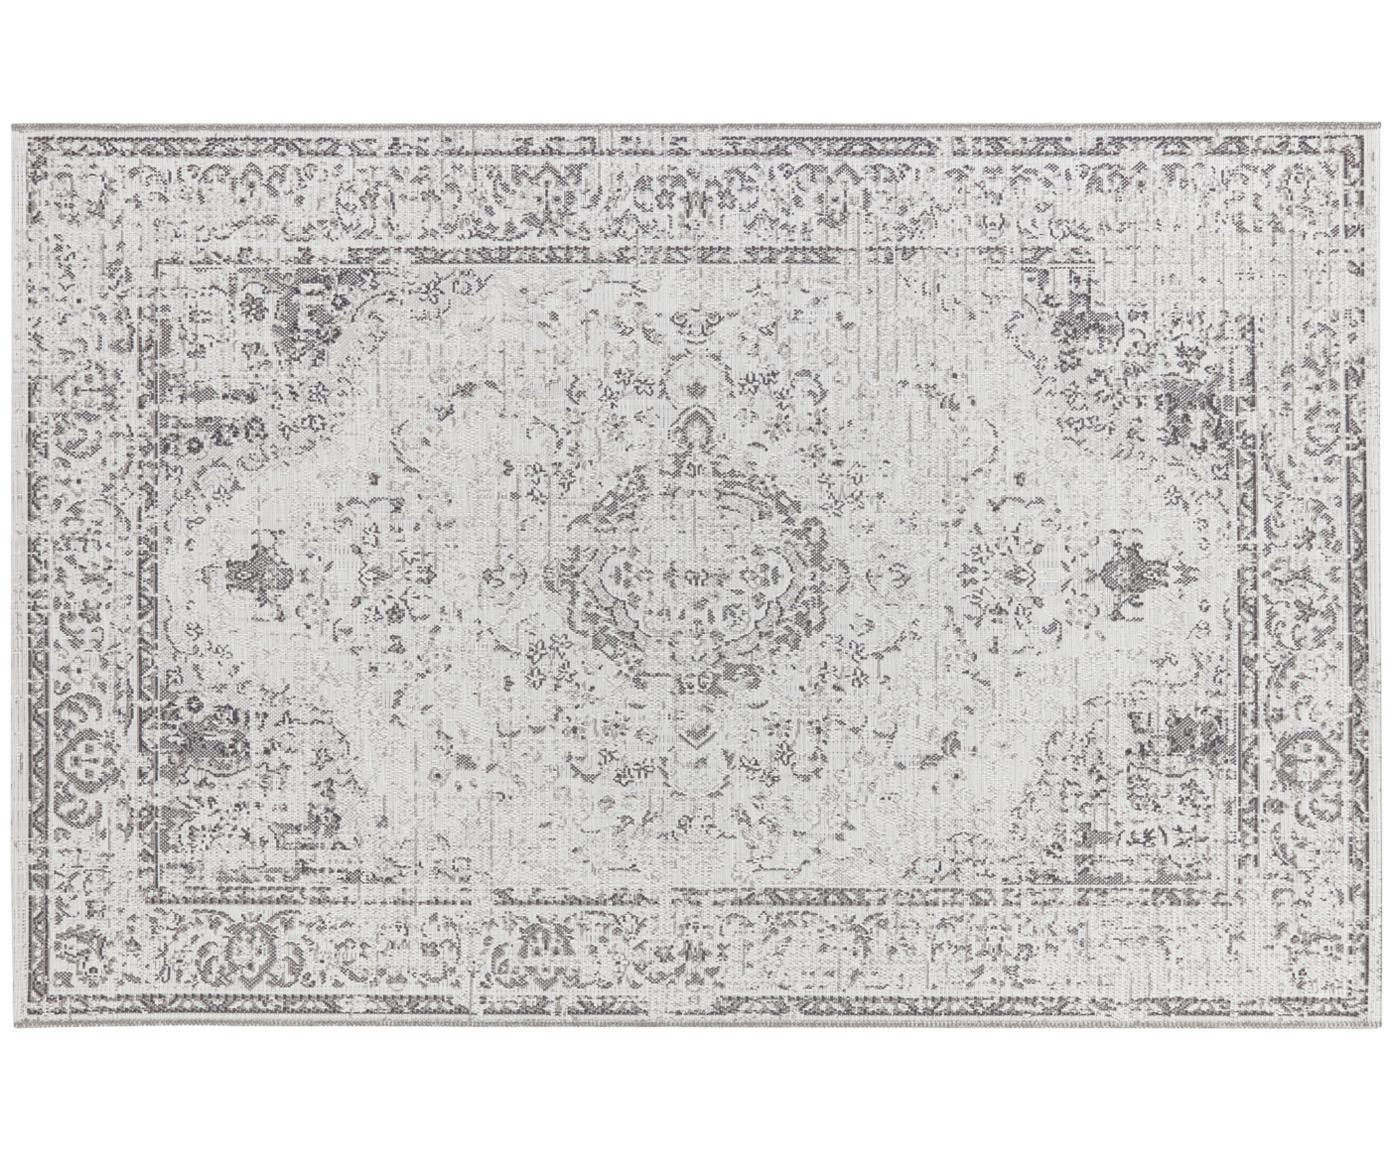 In- en outdoor vloerkleed Cenon in vintage stijl, Polypropyleen, Crèmekleurig, grijs, B 190 x L 290 cm (maat L)